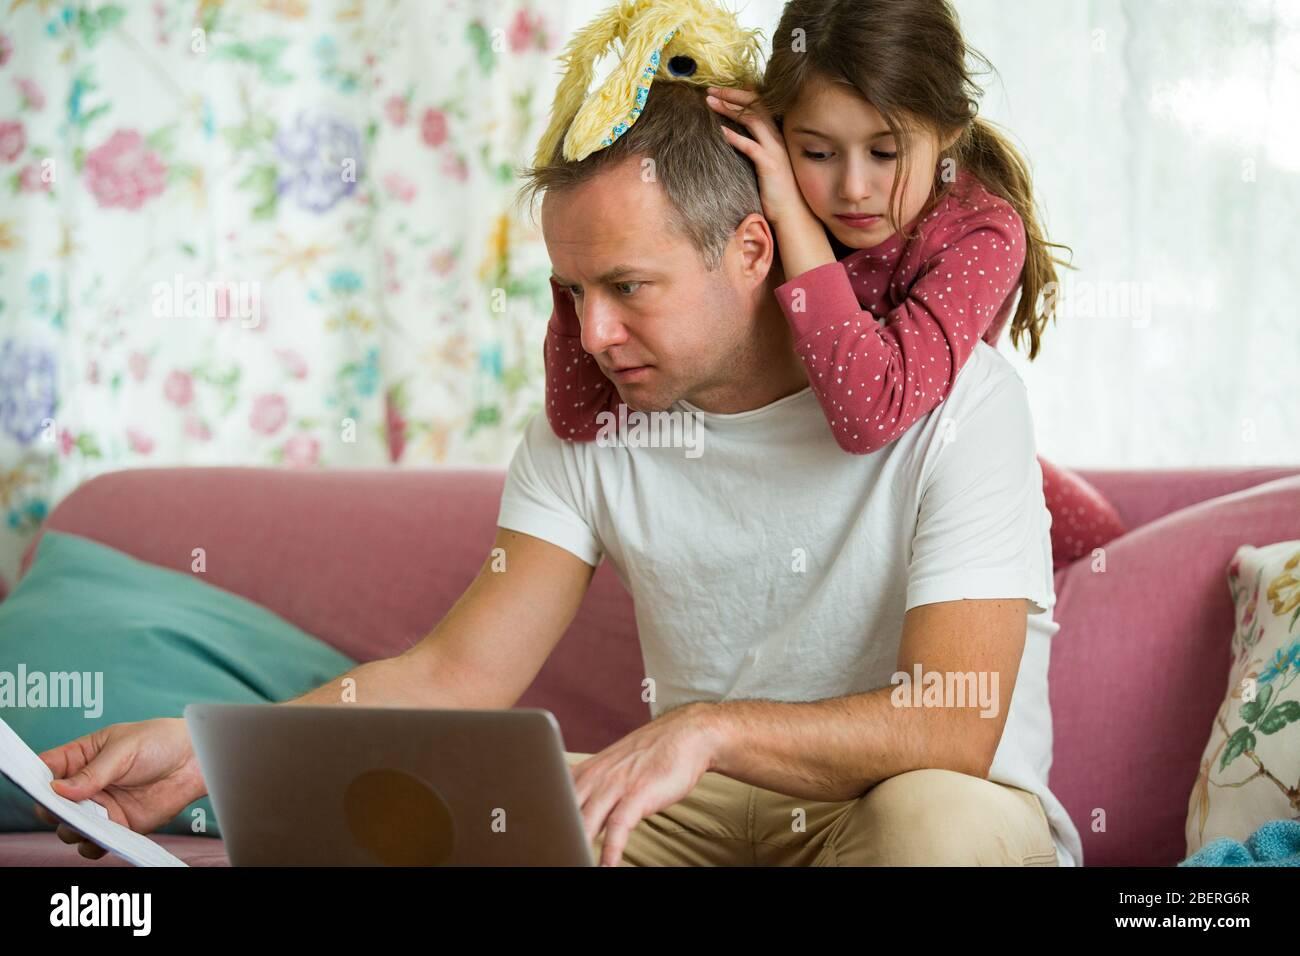 Niño jugando y perturbando a padre trabajando a distancia de casa. Hombre sentado en el sofá con ordenador portátil. Familia pasando tiempo juntos en el interior. Foto de stock